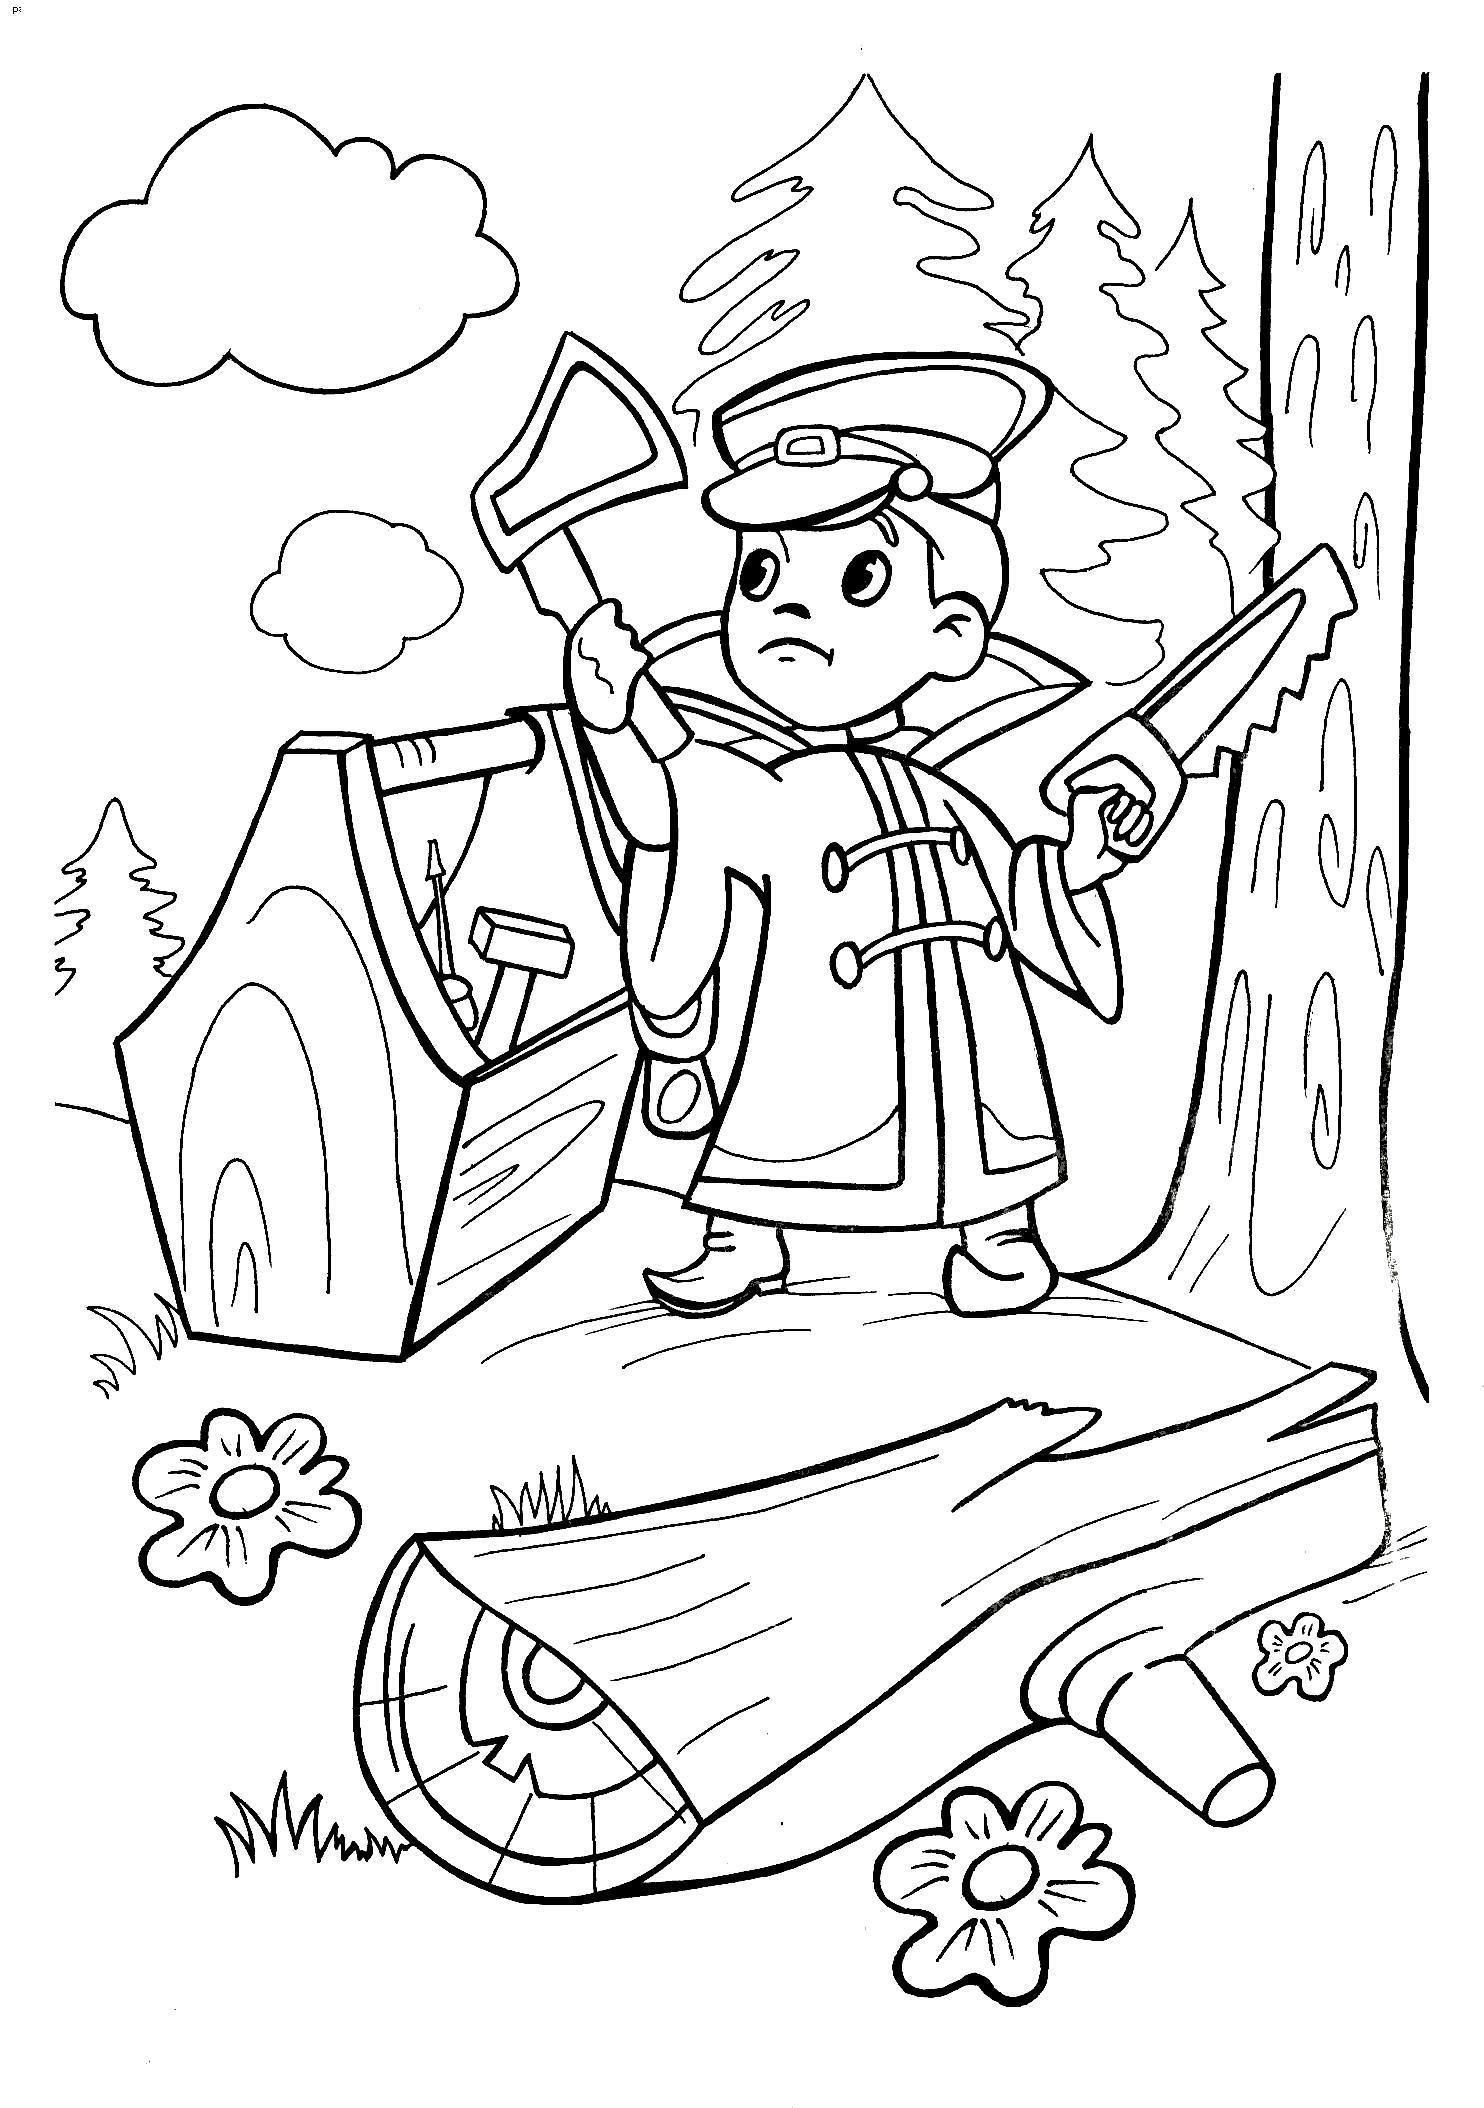 Мальчик с топором Раскраски для детей мальчиков